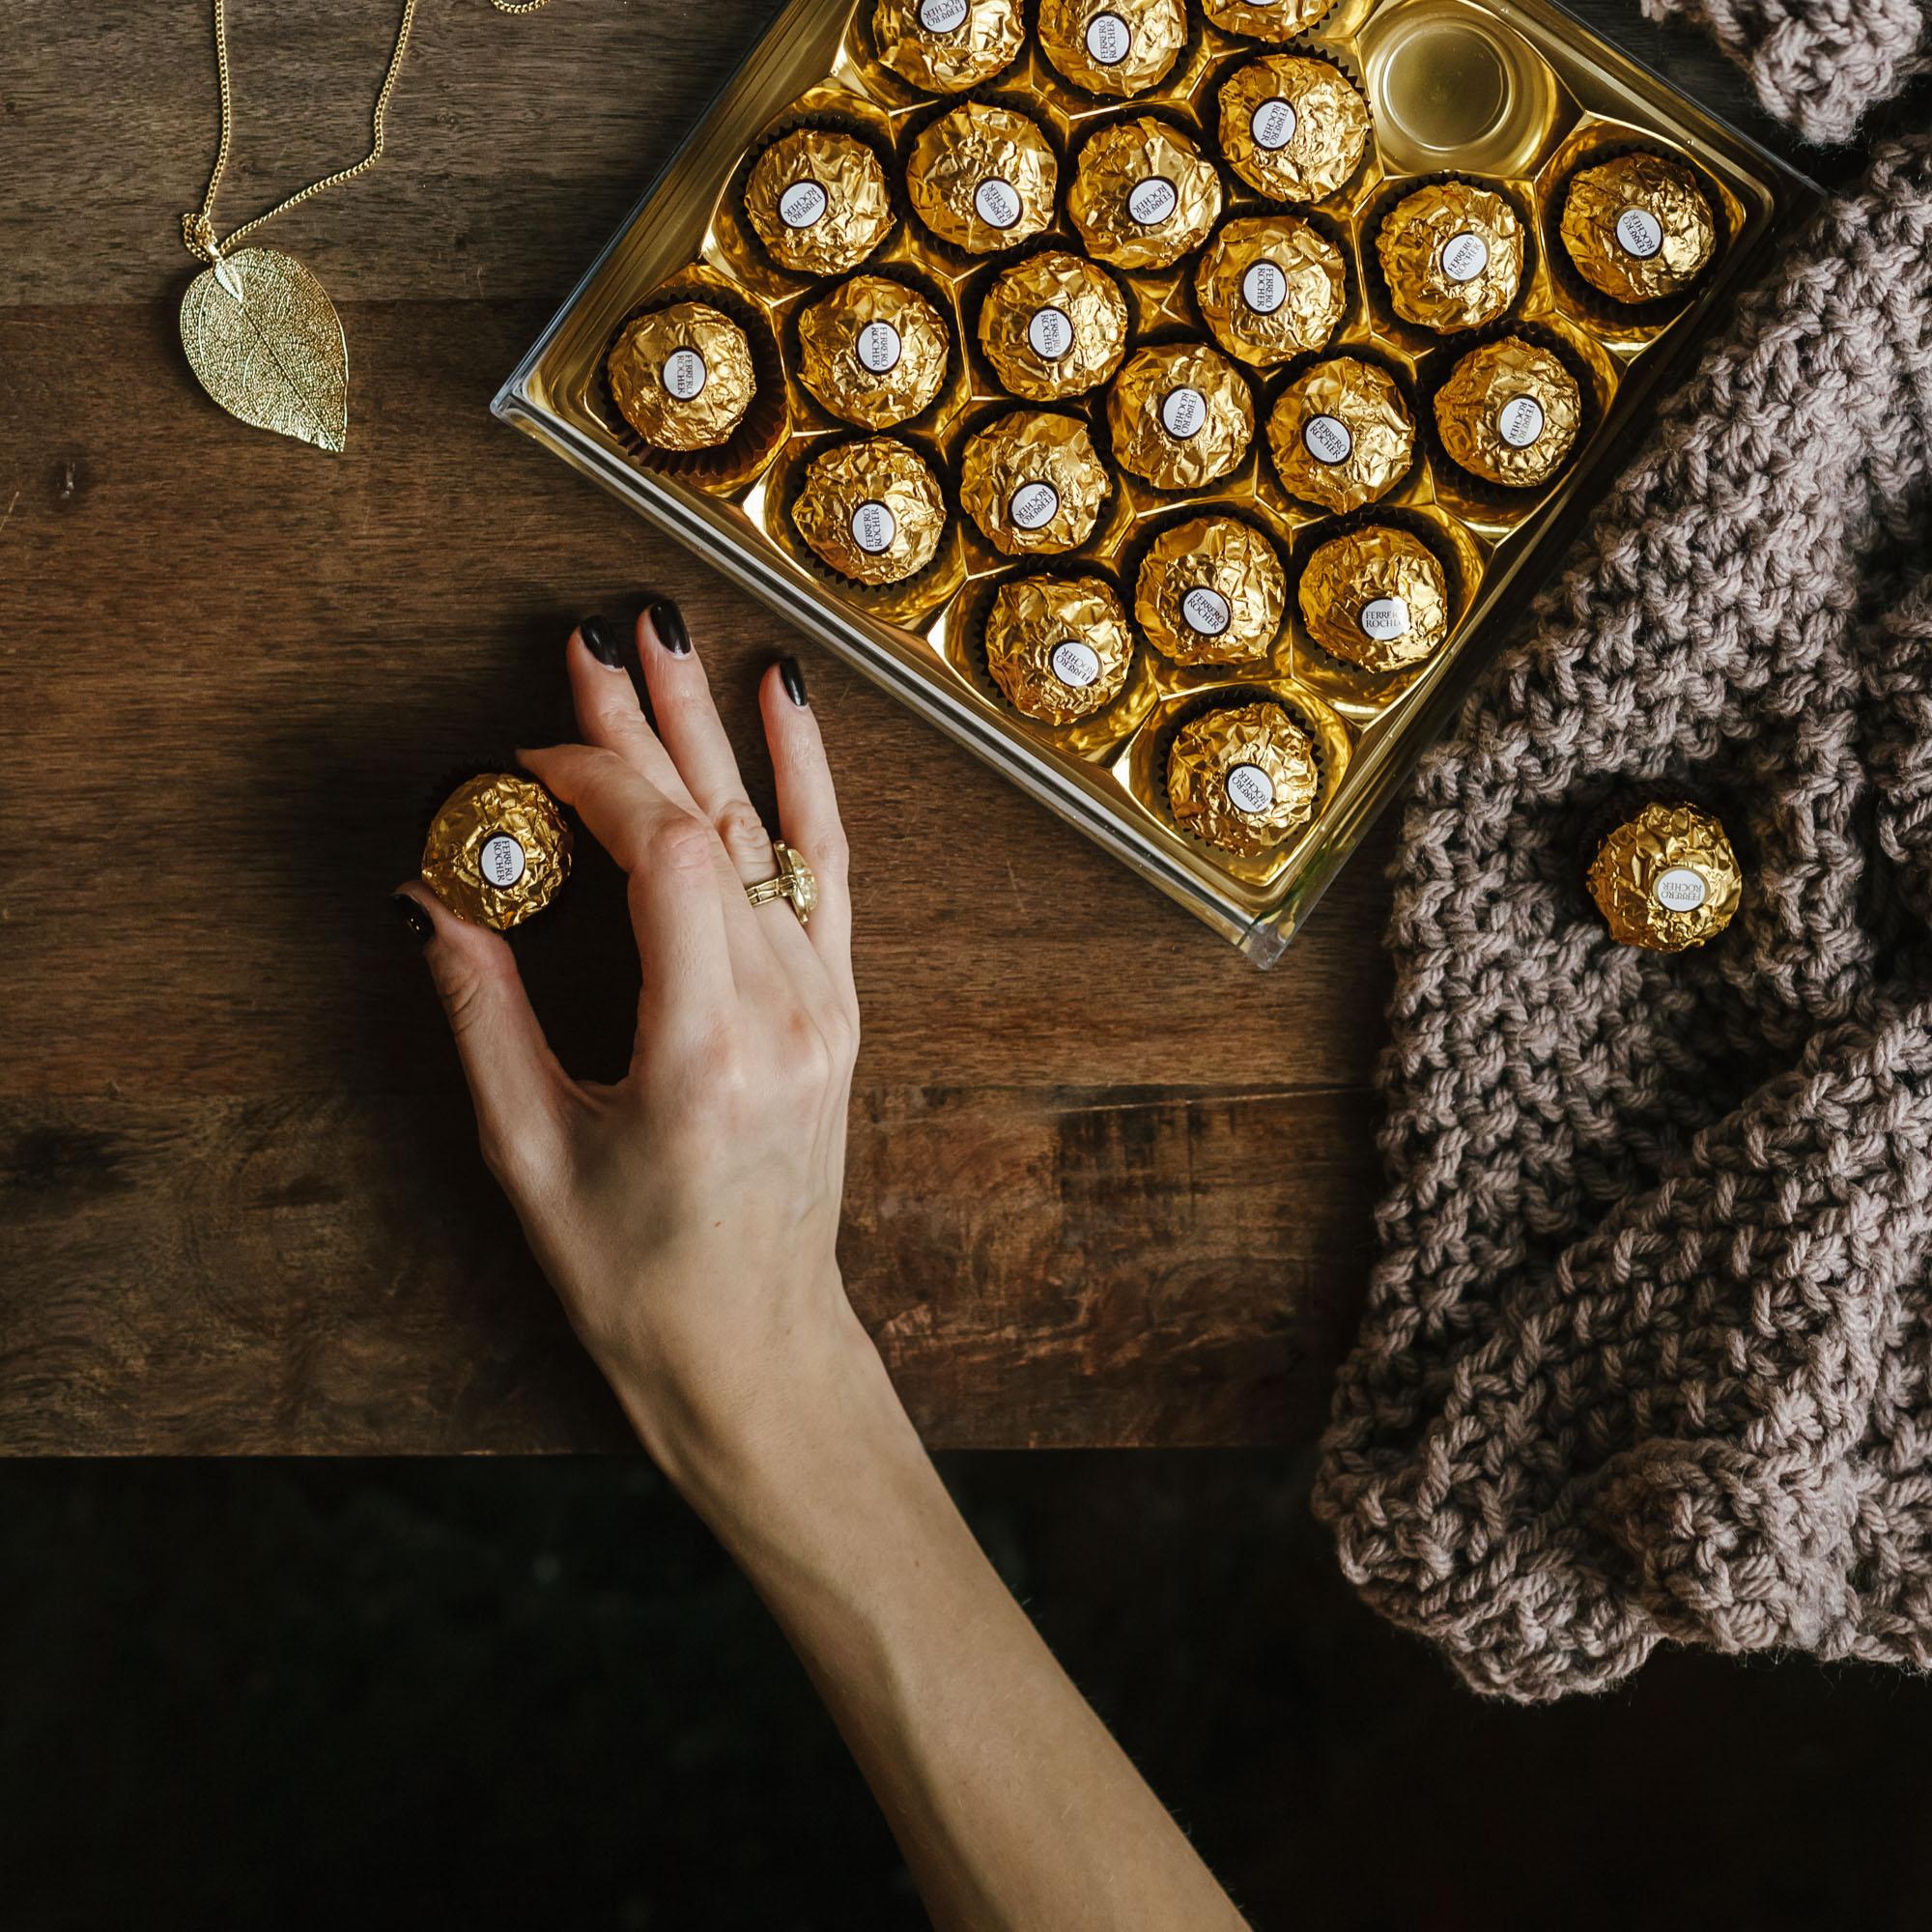 Ferrero unveils new climate goals